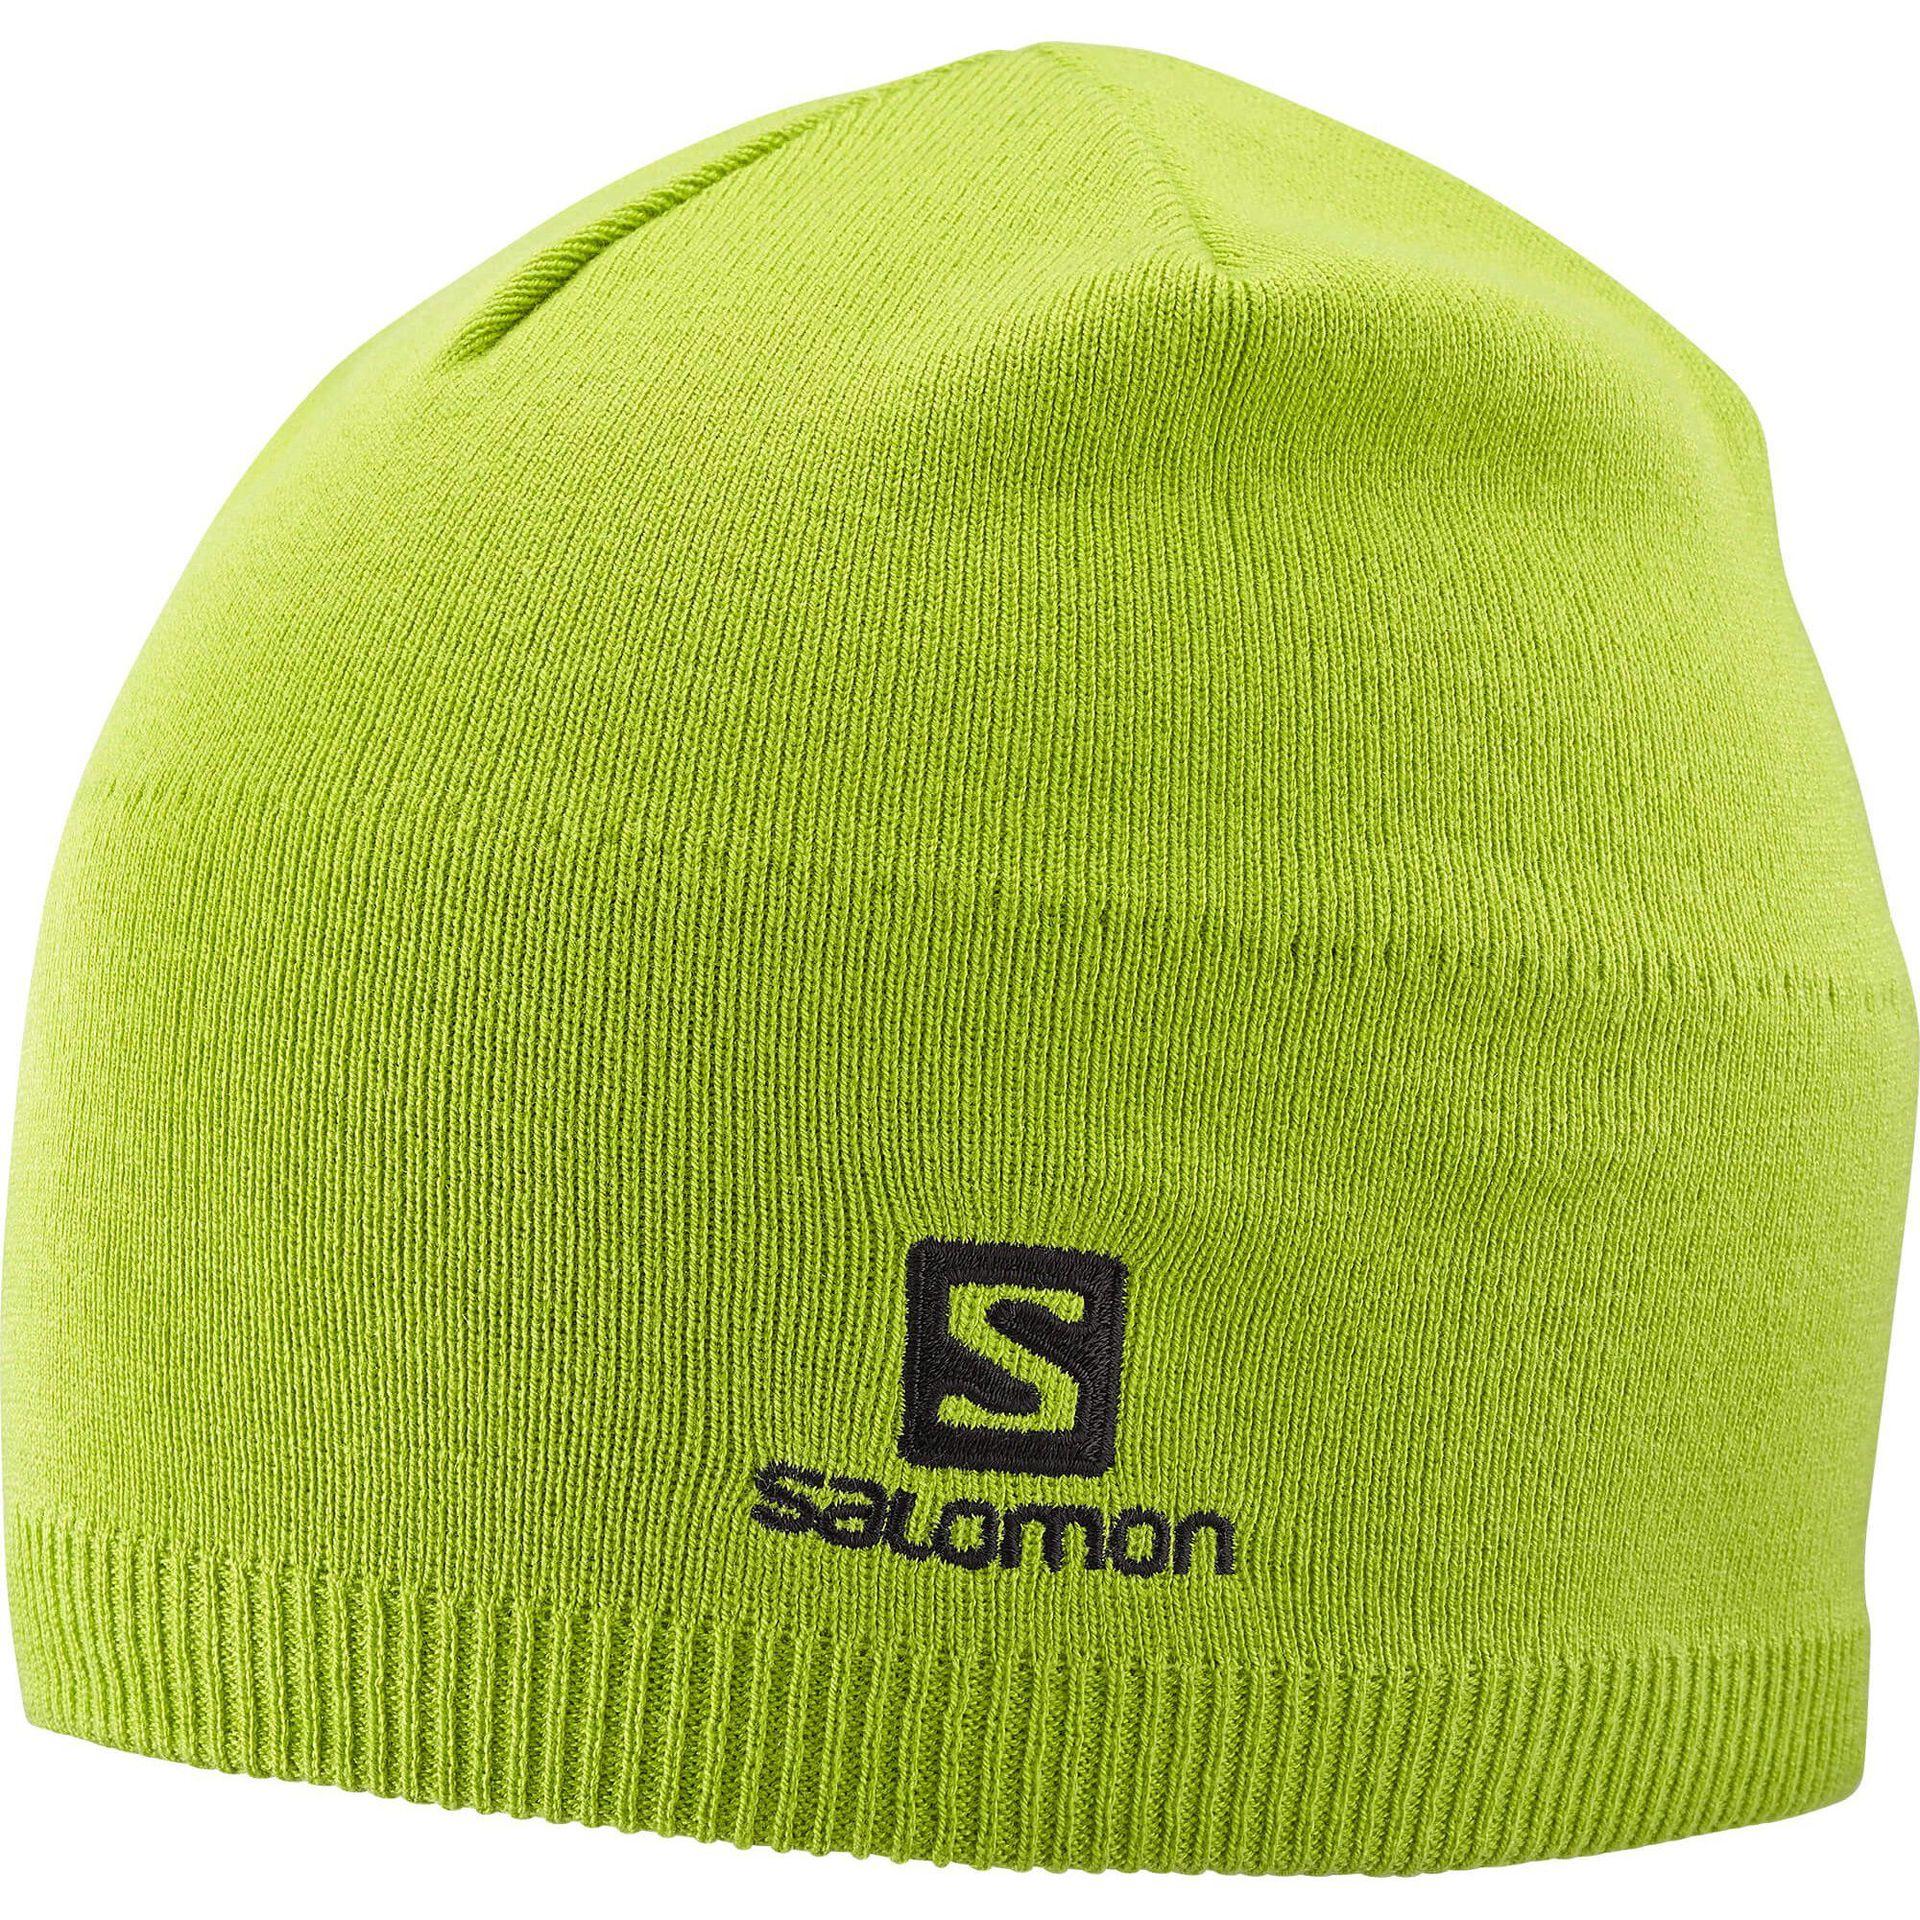 CZAPKA SALOMON SALOMON BEANIE LIME GREEN 402842